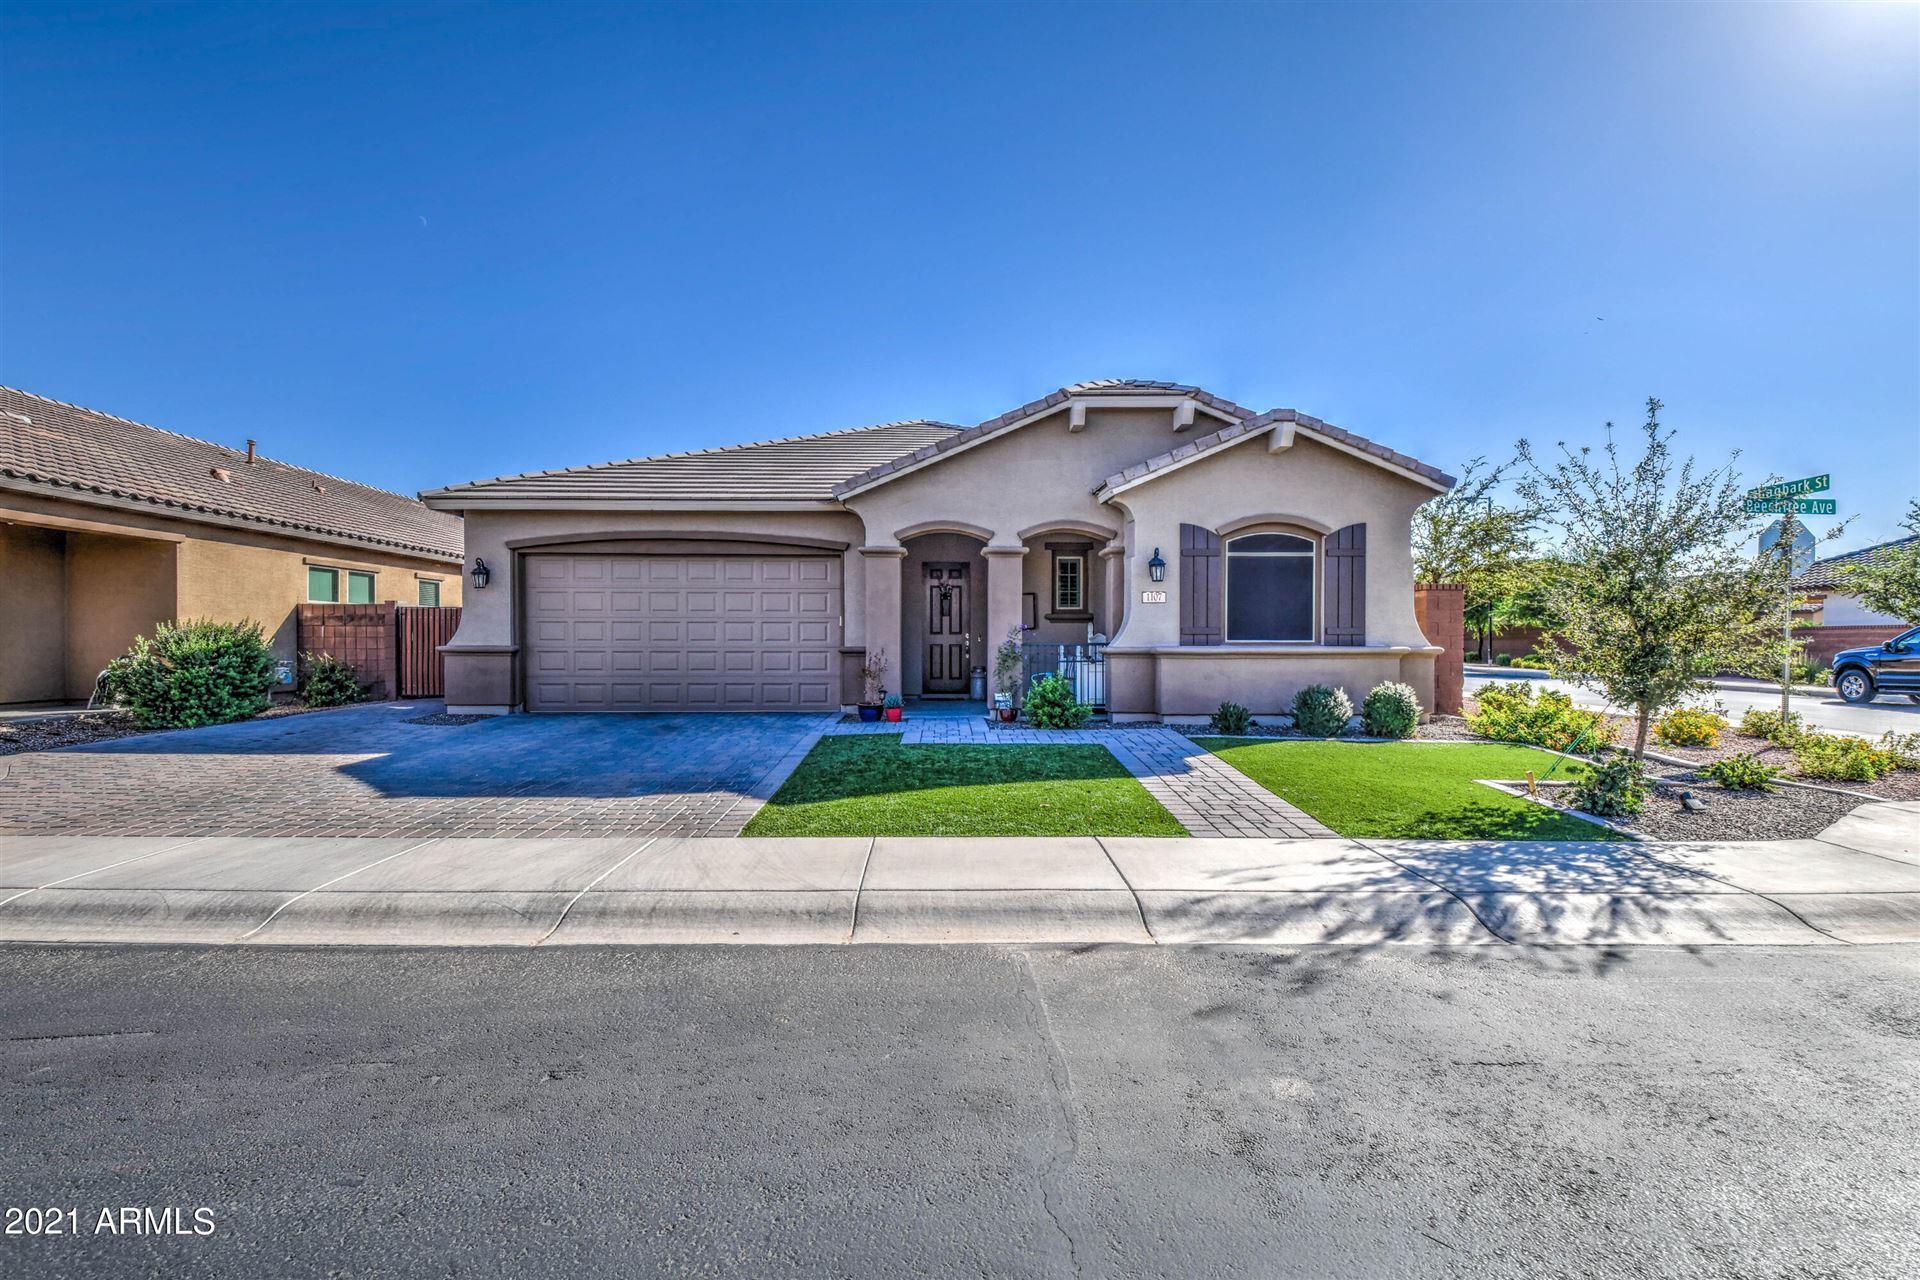 Photo of 1107 W Beech Tree Avenue, Queen Creek, AZ 85140 (MLS # 6307452)